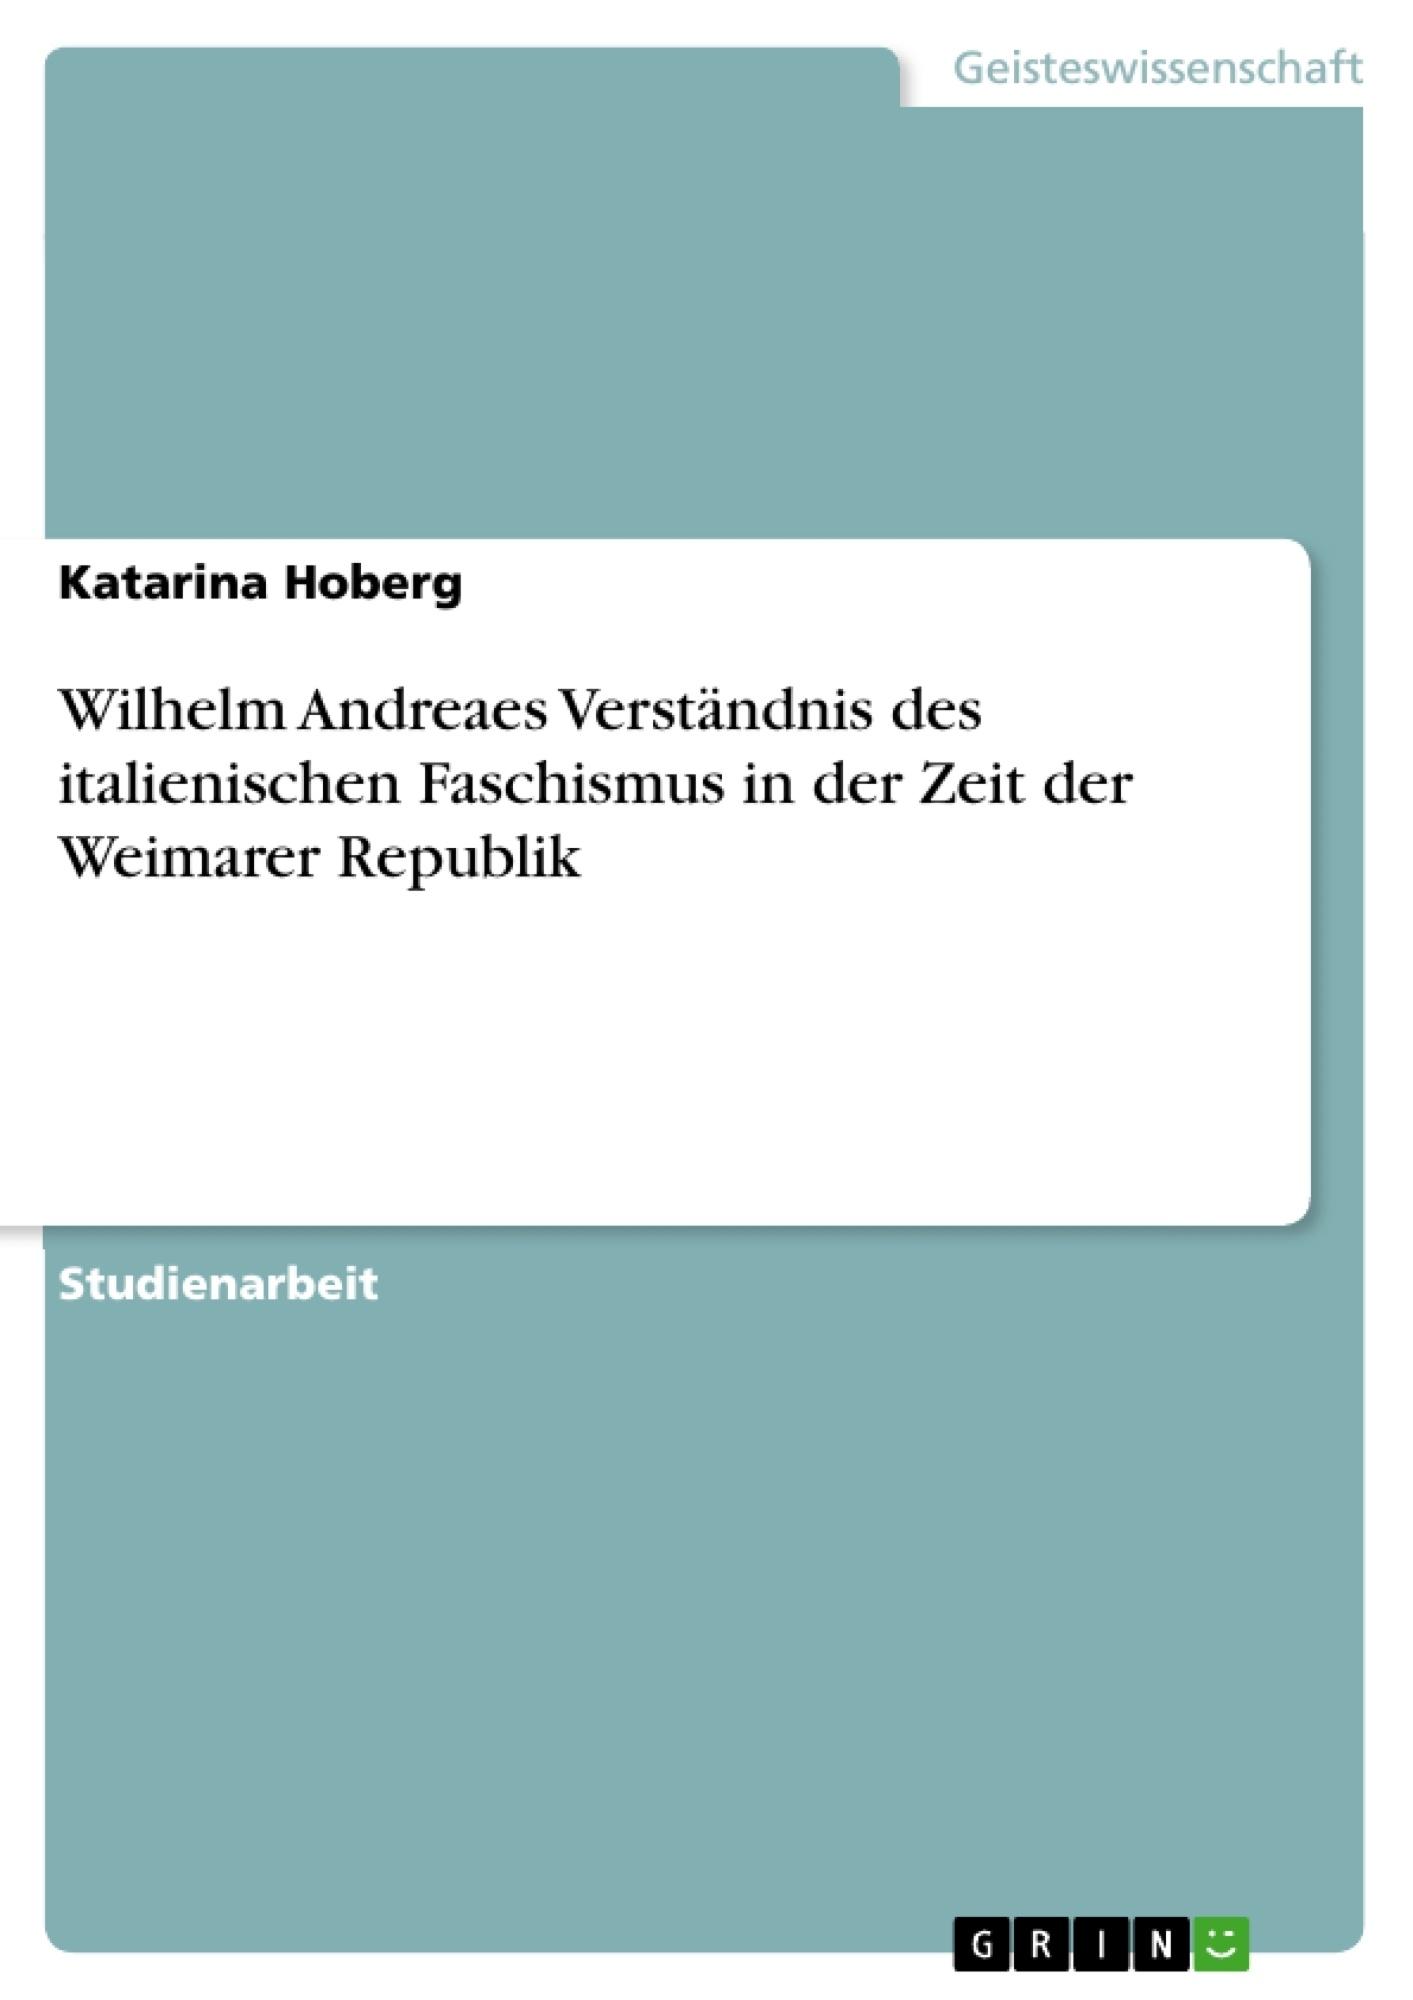 Titel: Wilhelm Andreaes Verständnis des italienischen Faschismus in der Zeit der Weimarer Republik